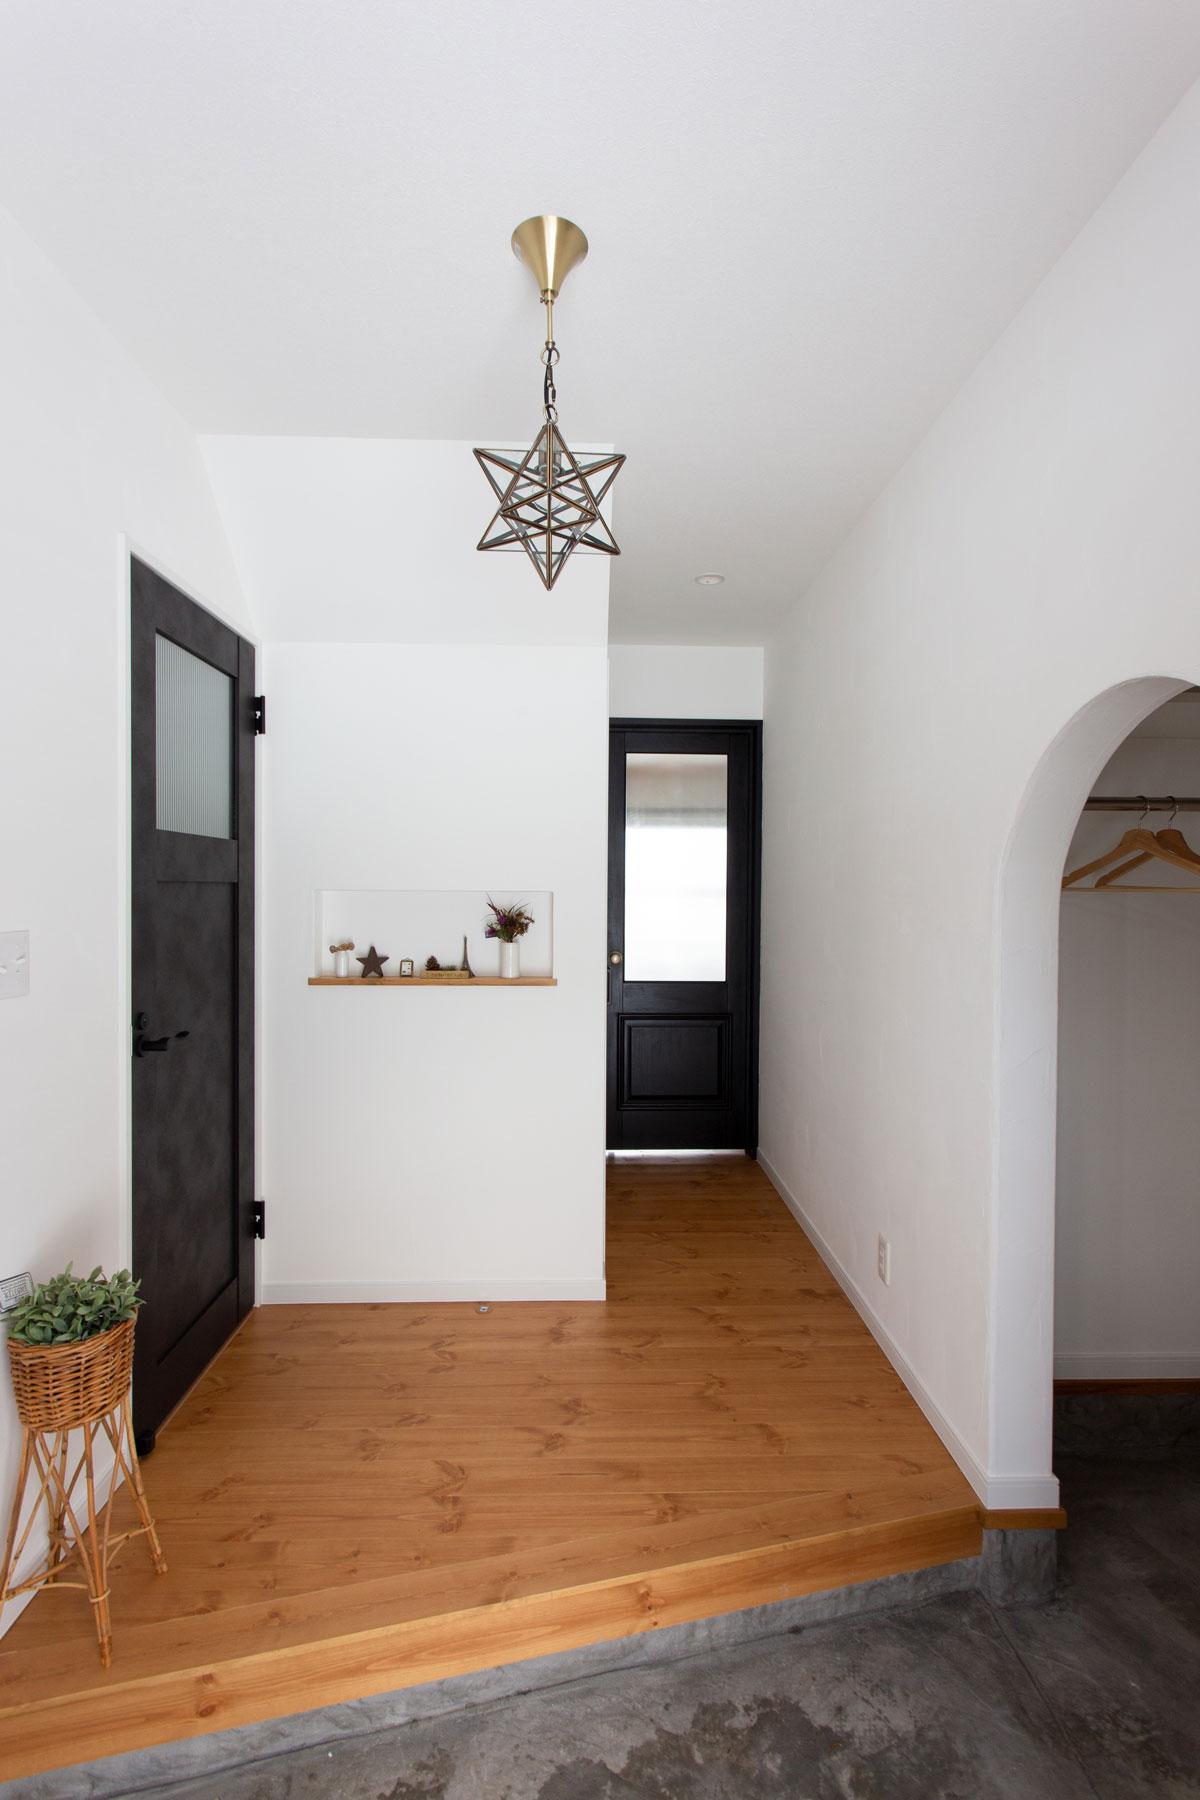 ブラックのリビングドアがおしゃれな玄関スペース